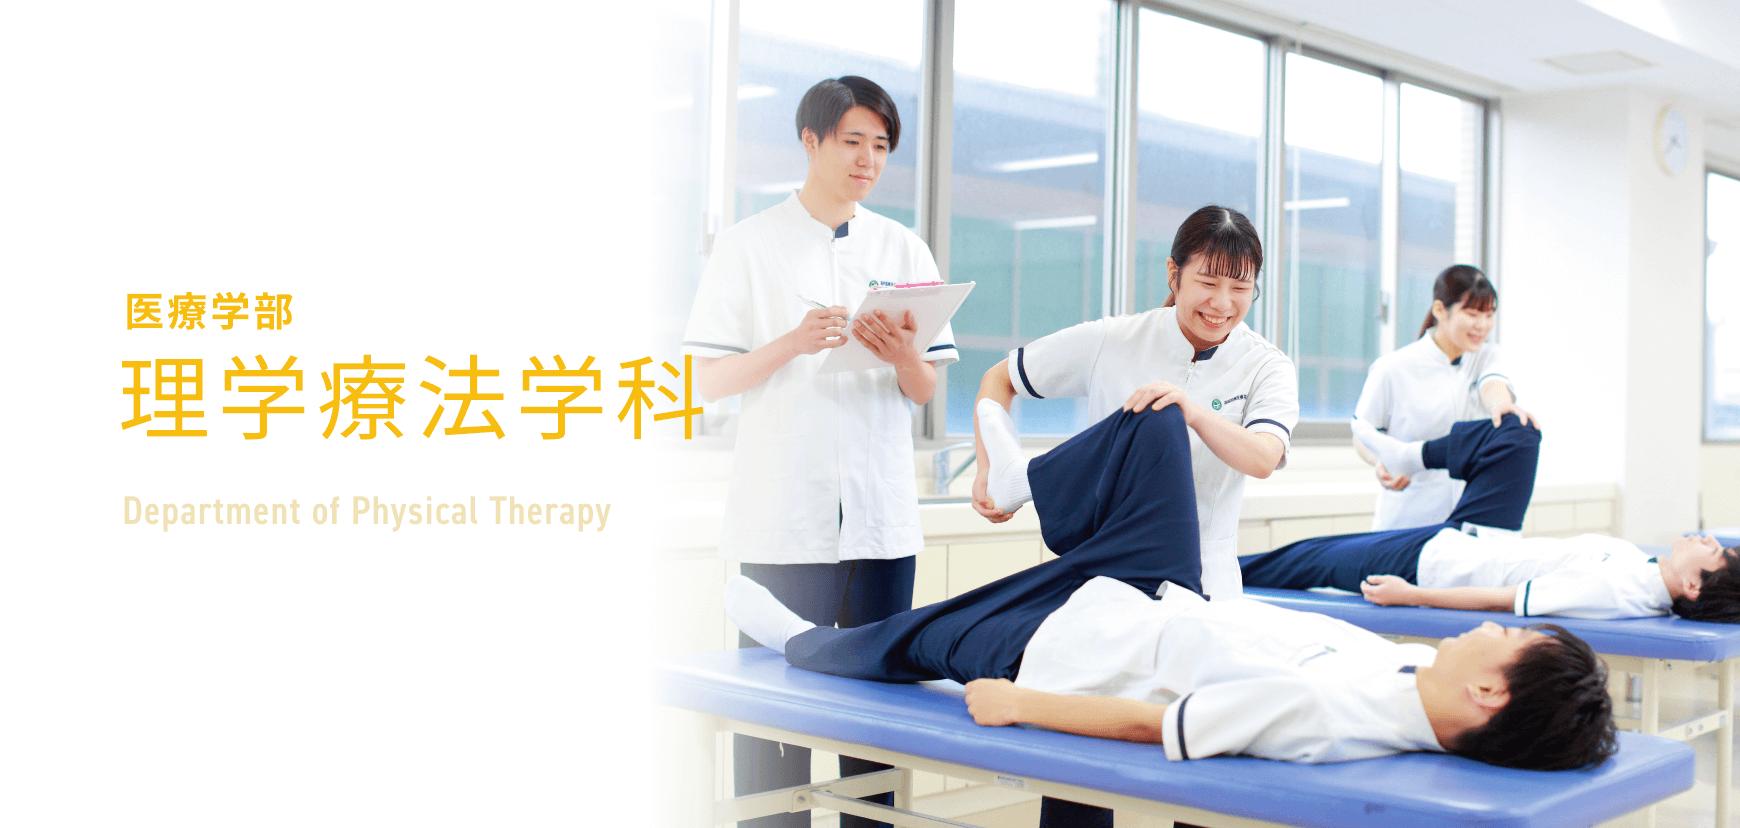 理学療法学科 | 福岡国際医療福...